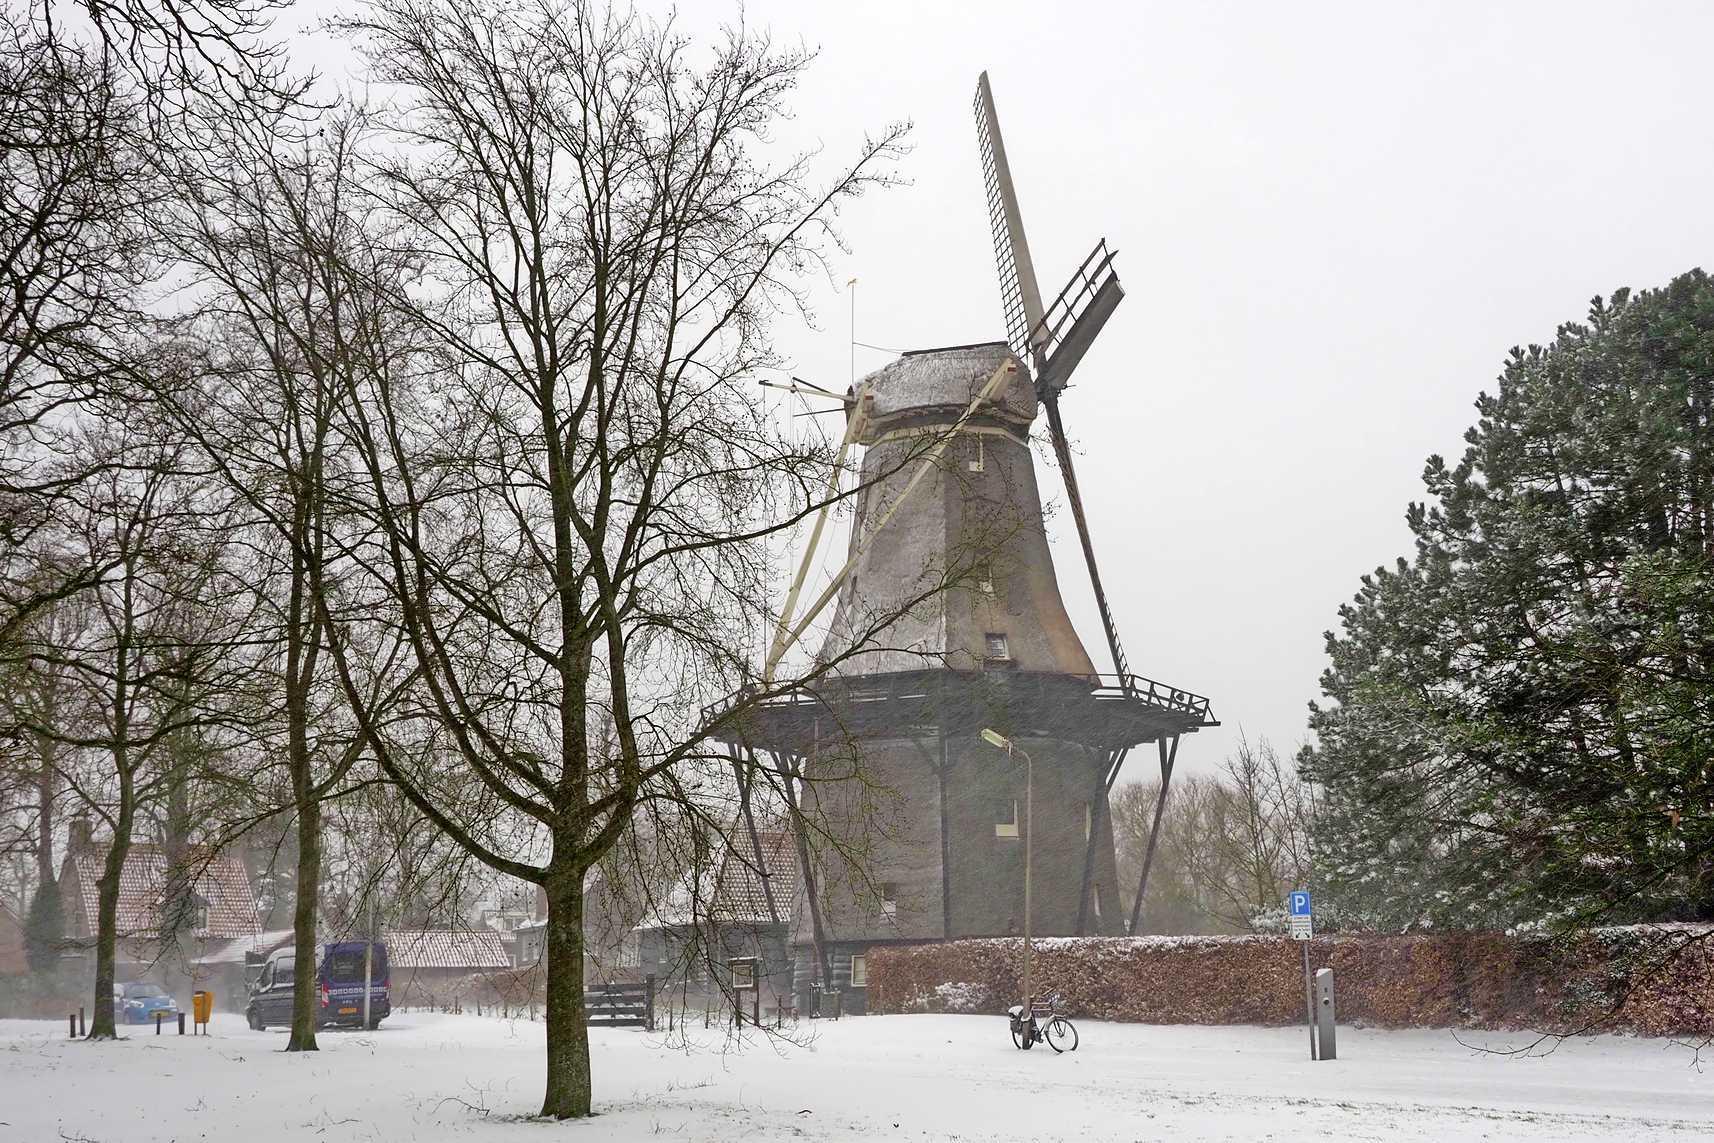 IJmond in een winterkleed, sneeuwfoto's van lezers